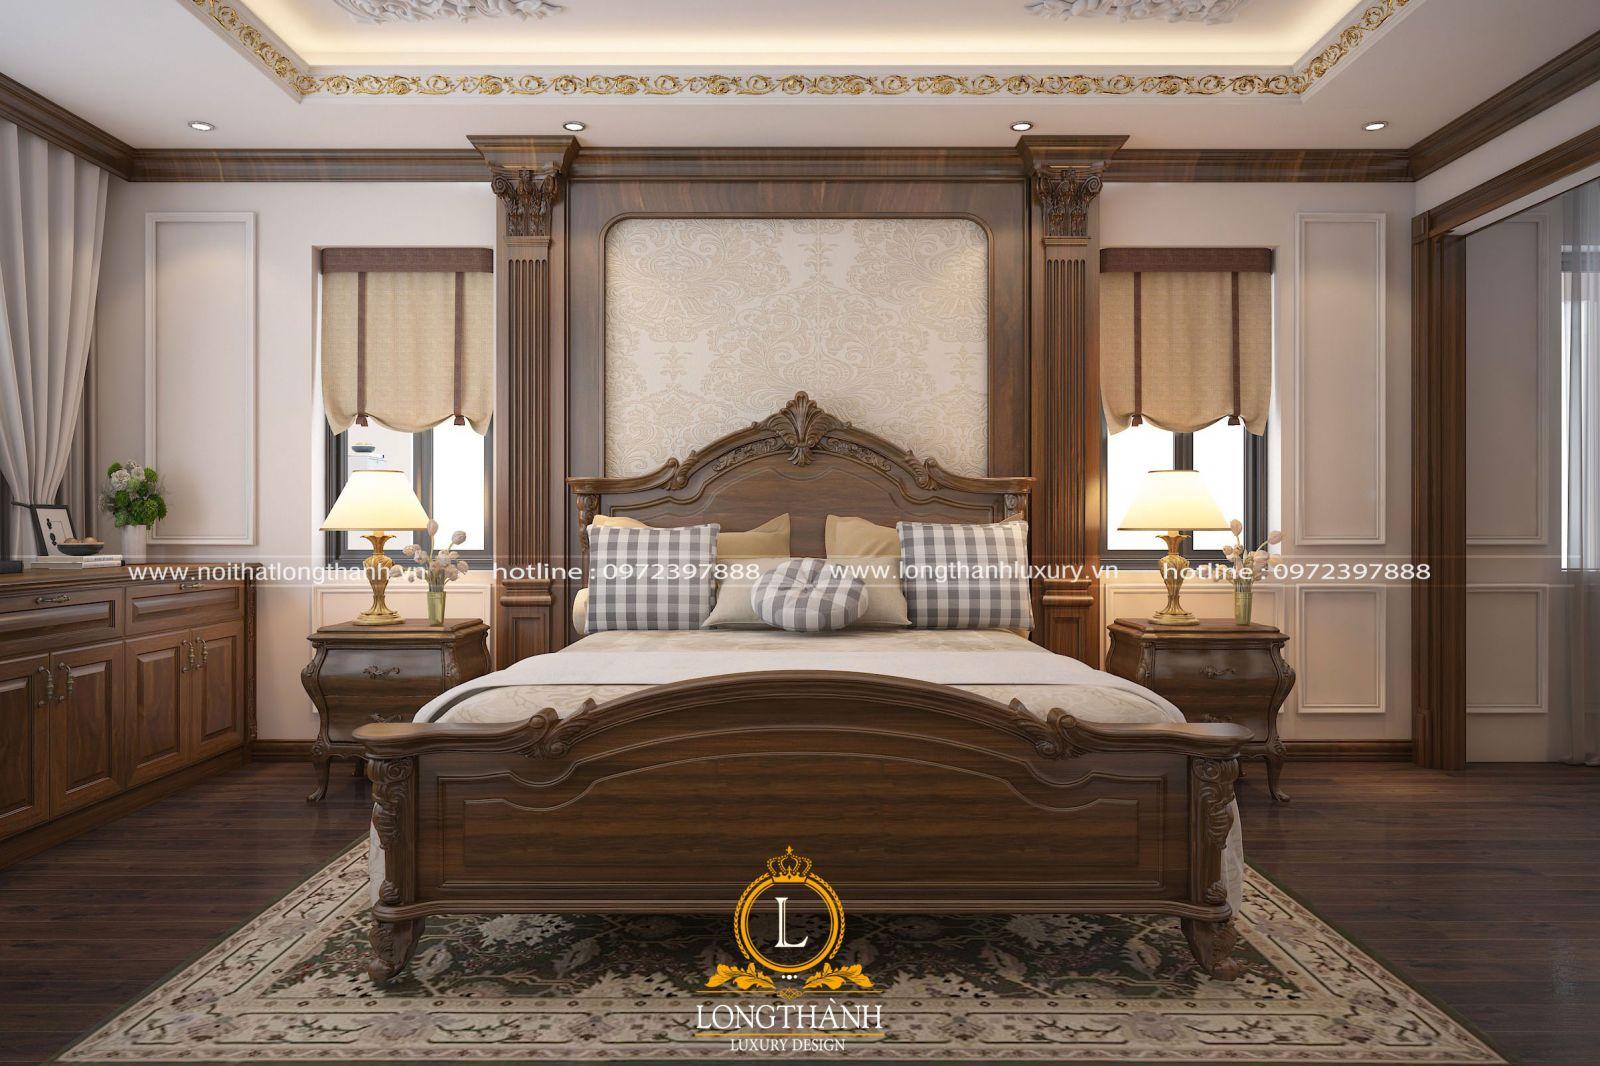 mẫu phòng ngủ tân cổ điển với tone màu nâu socola